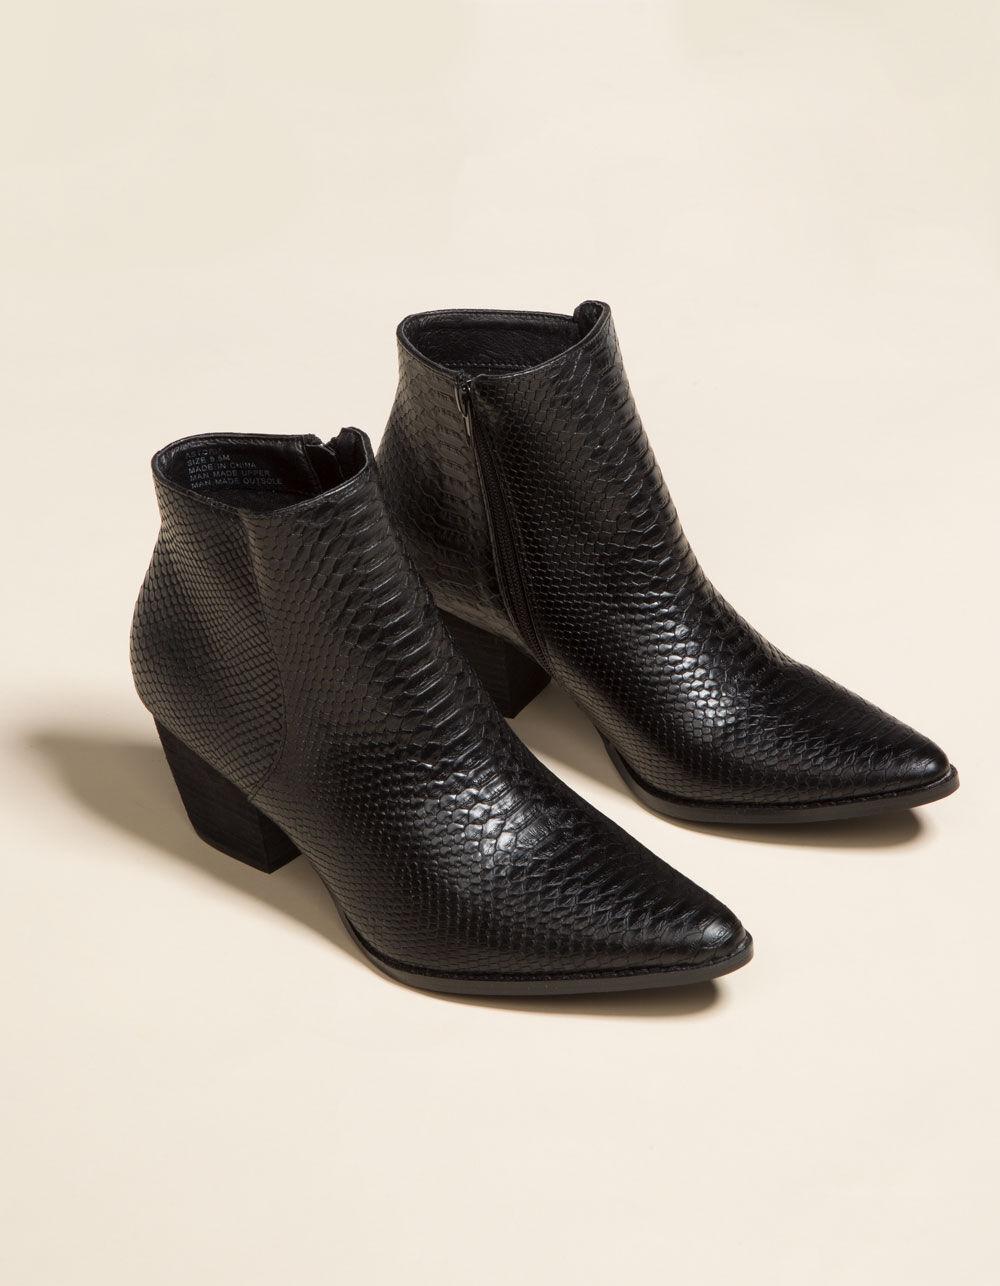 COCONUTS Astoria Black Boots